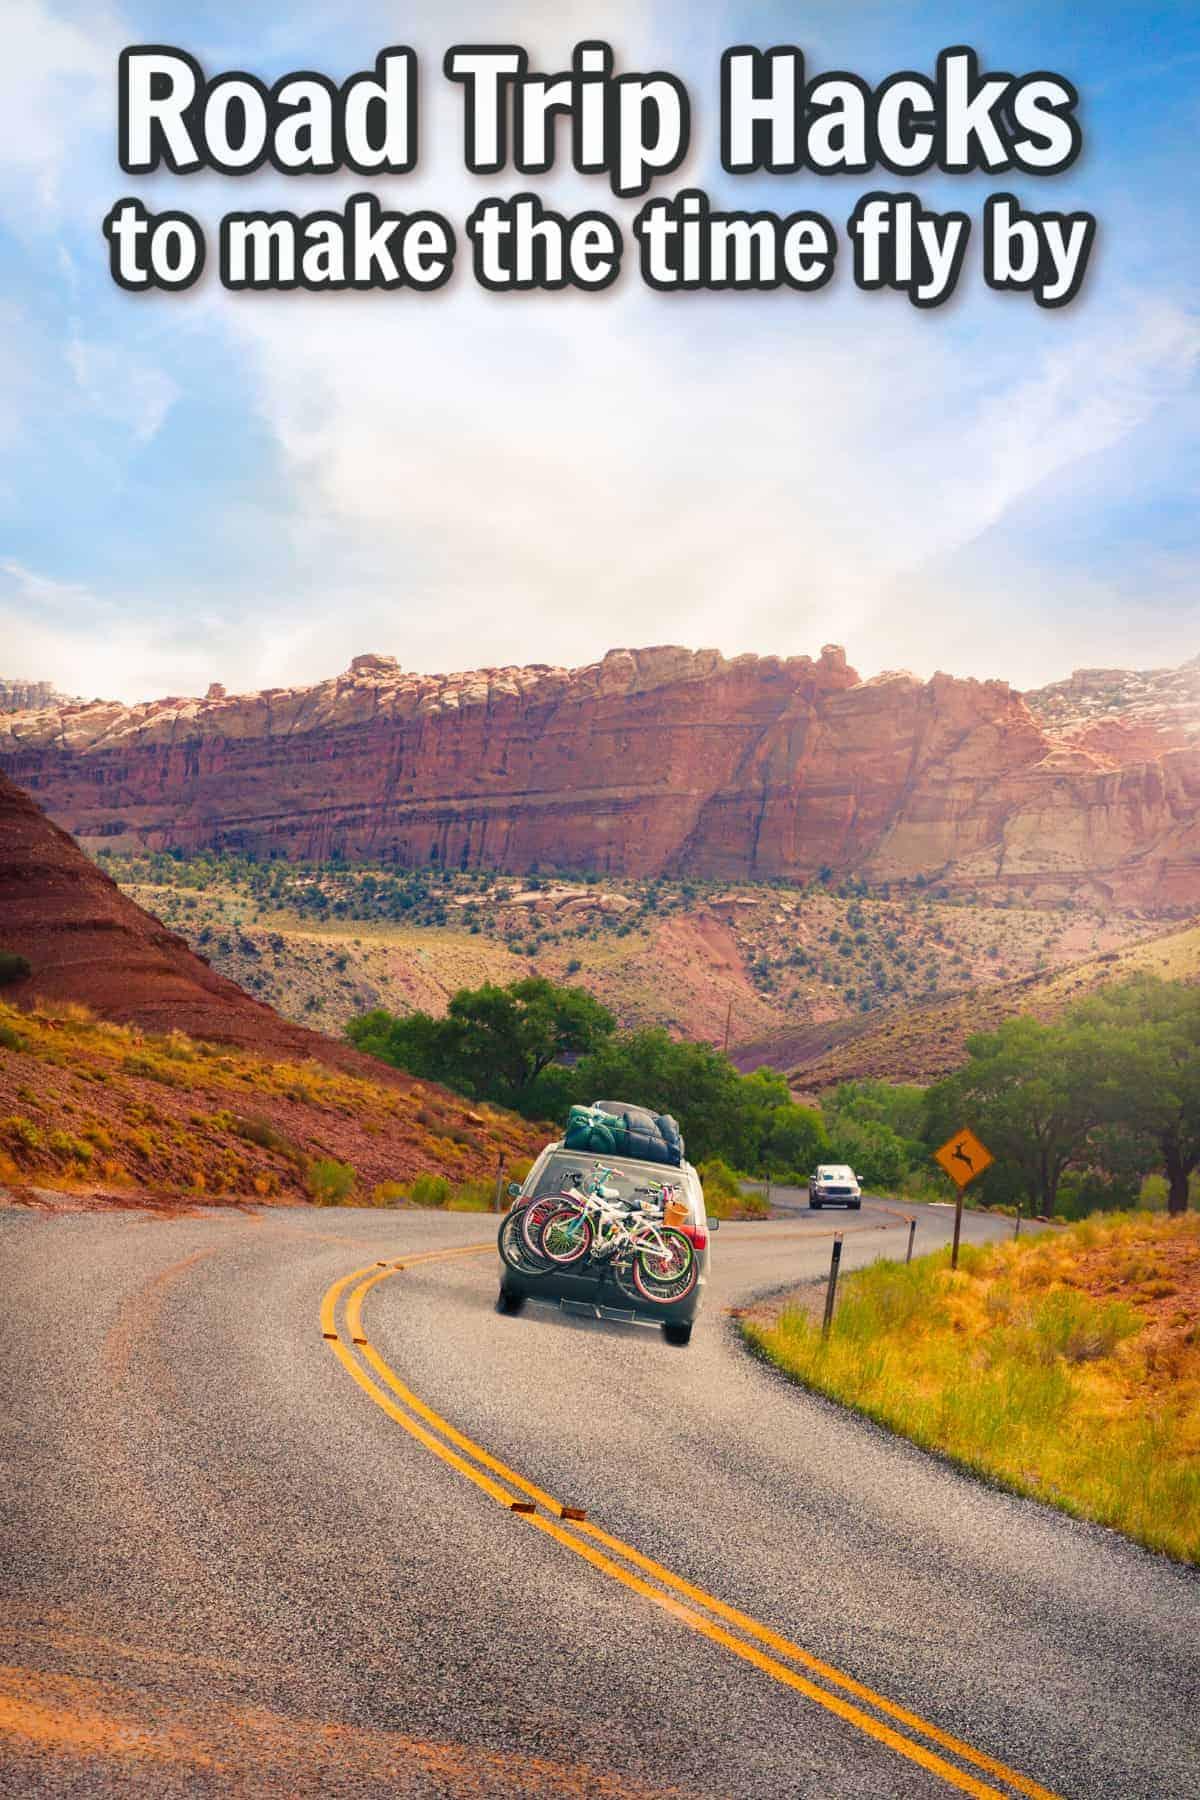 road trip hacks cover image